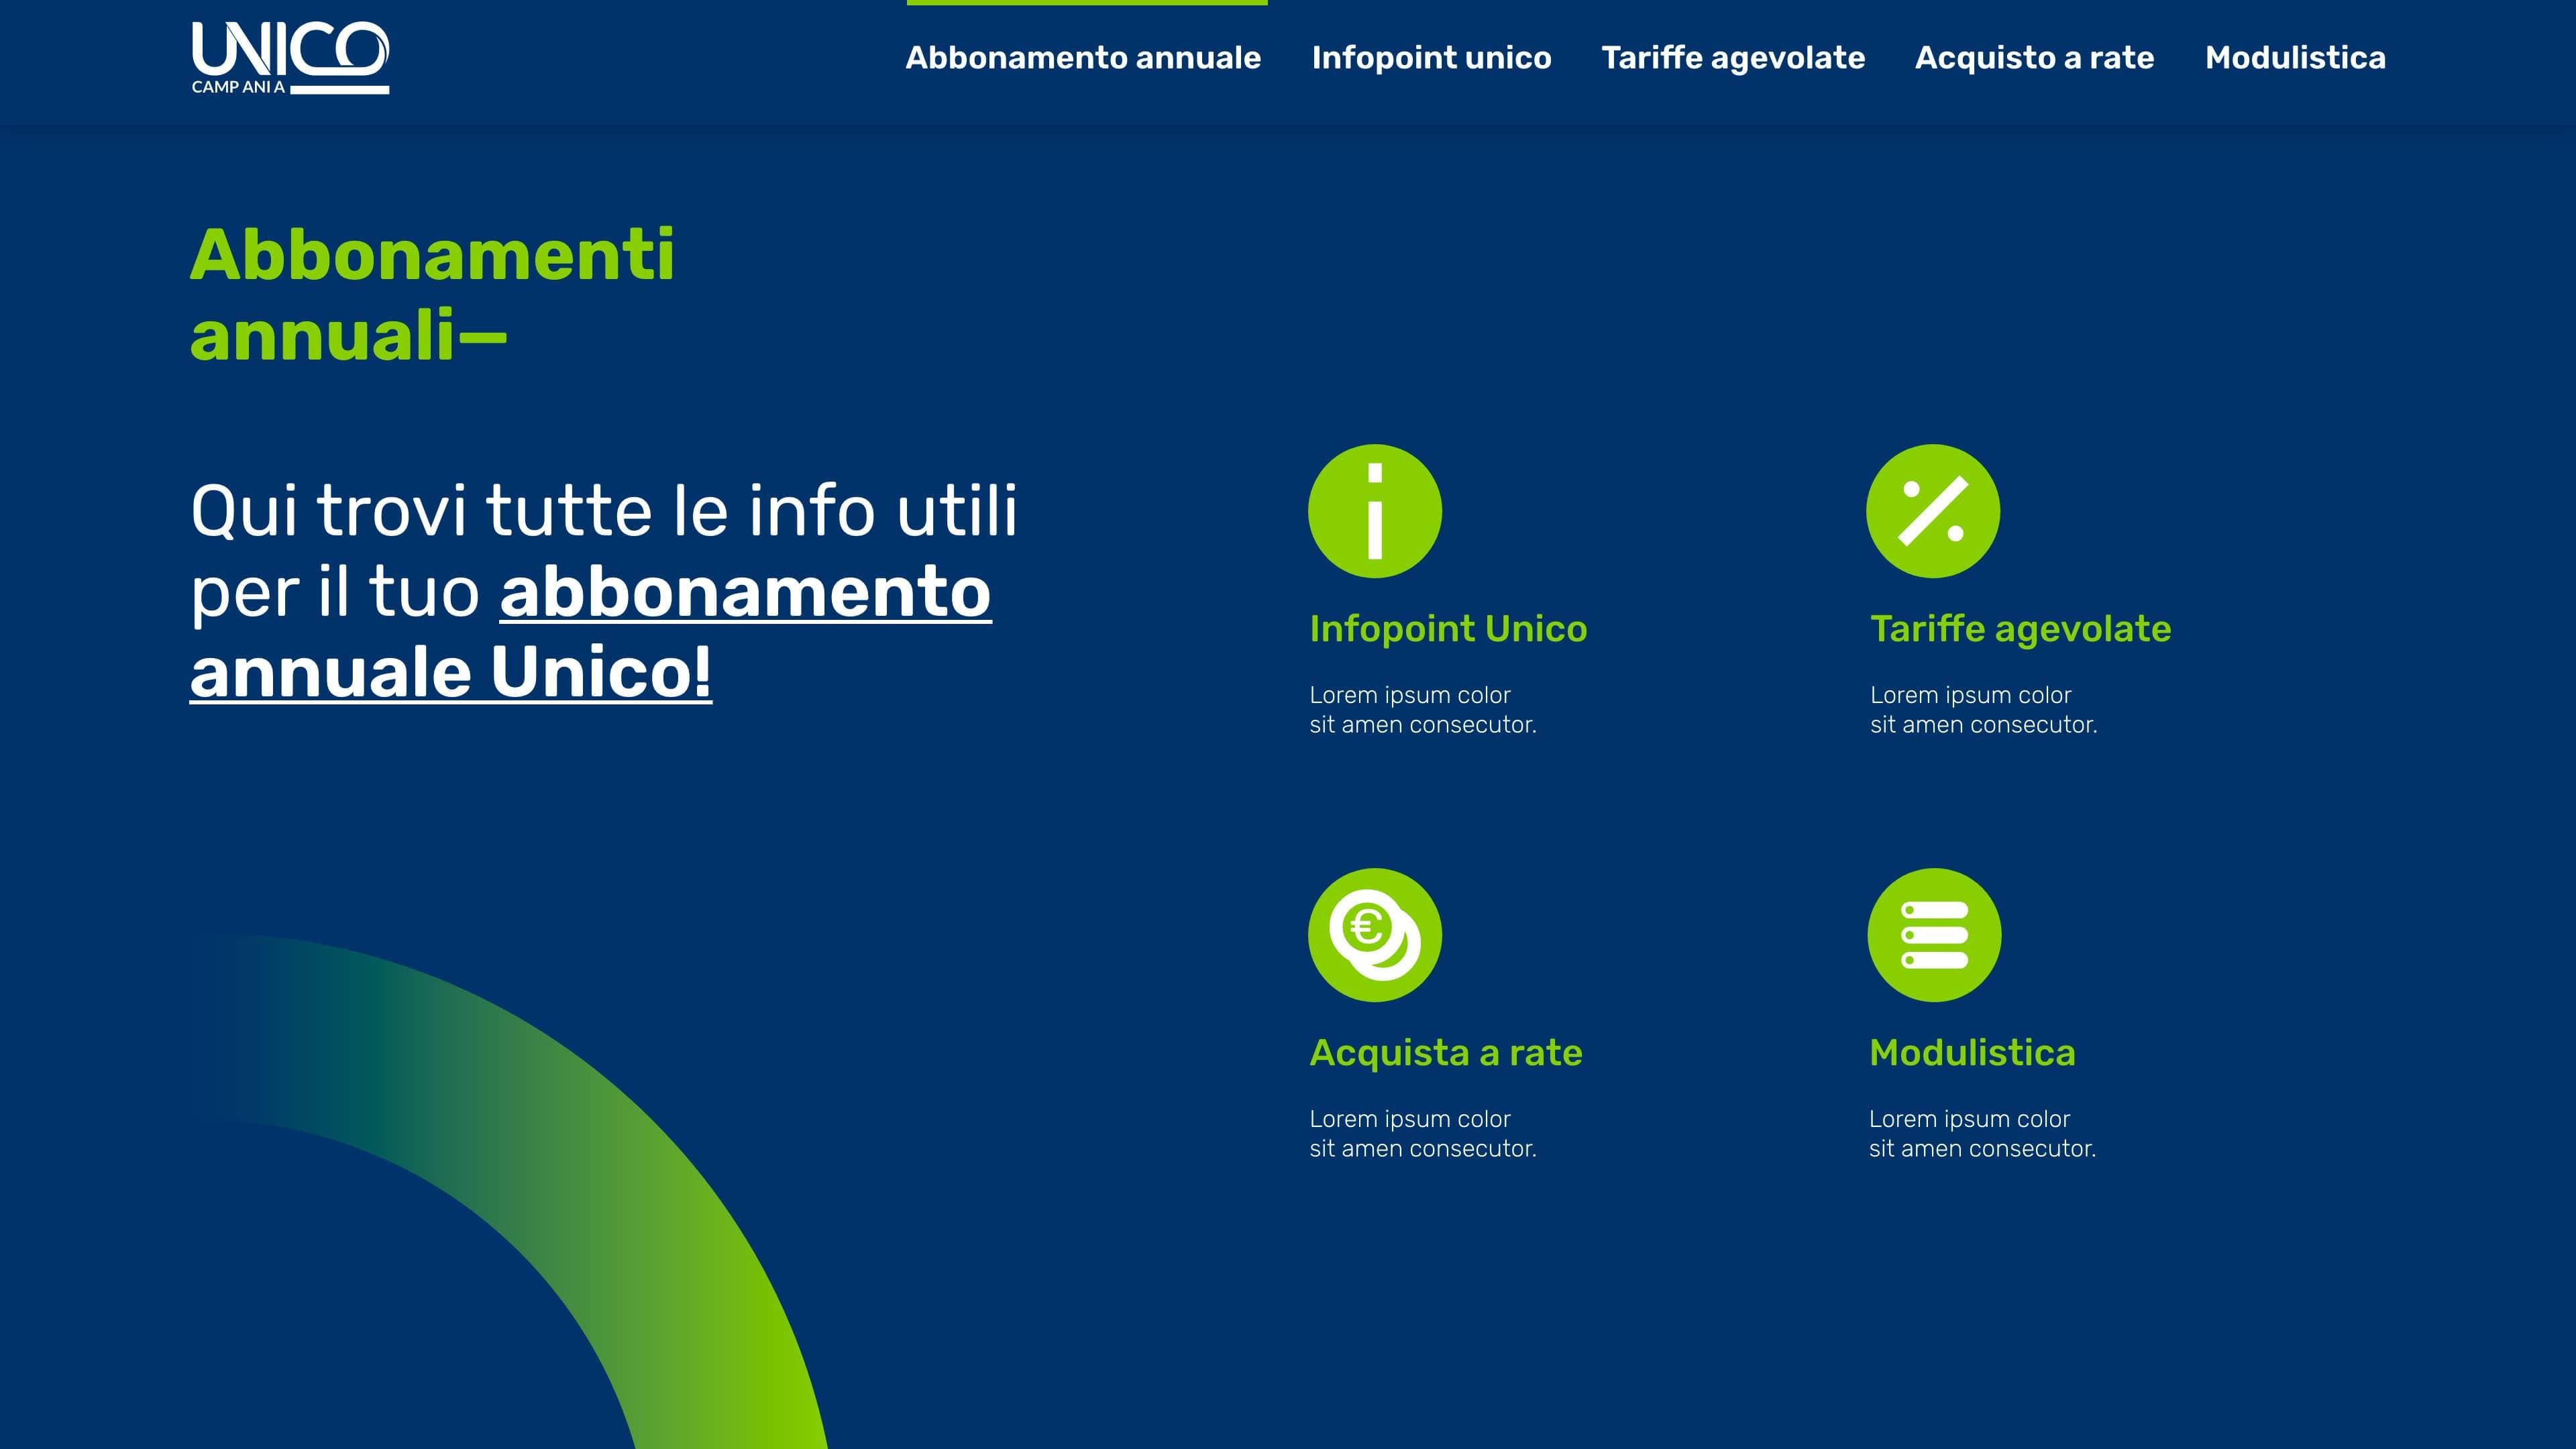 UnicoCampania-Abbonamenti-Annuali-Sito-web6@2x-min